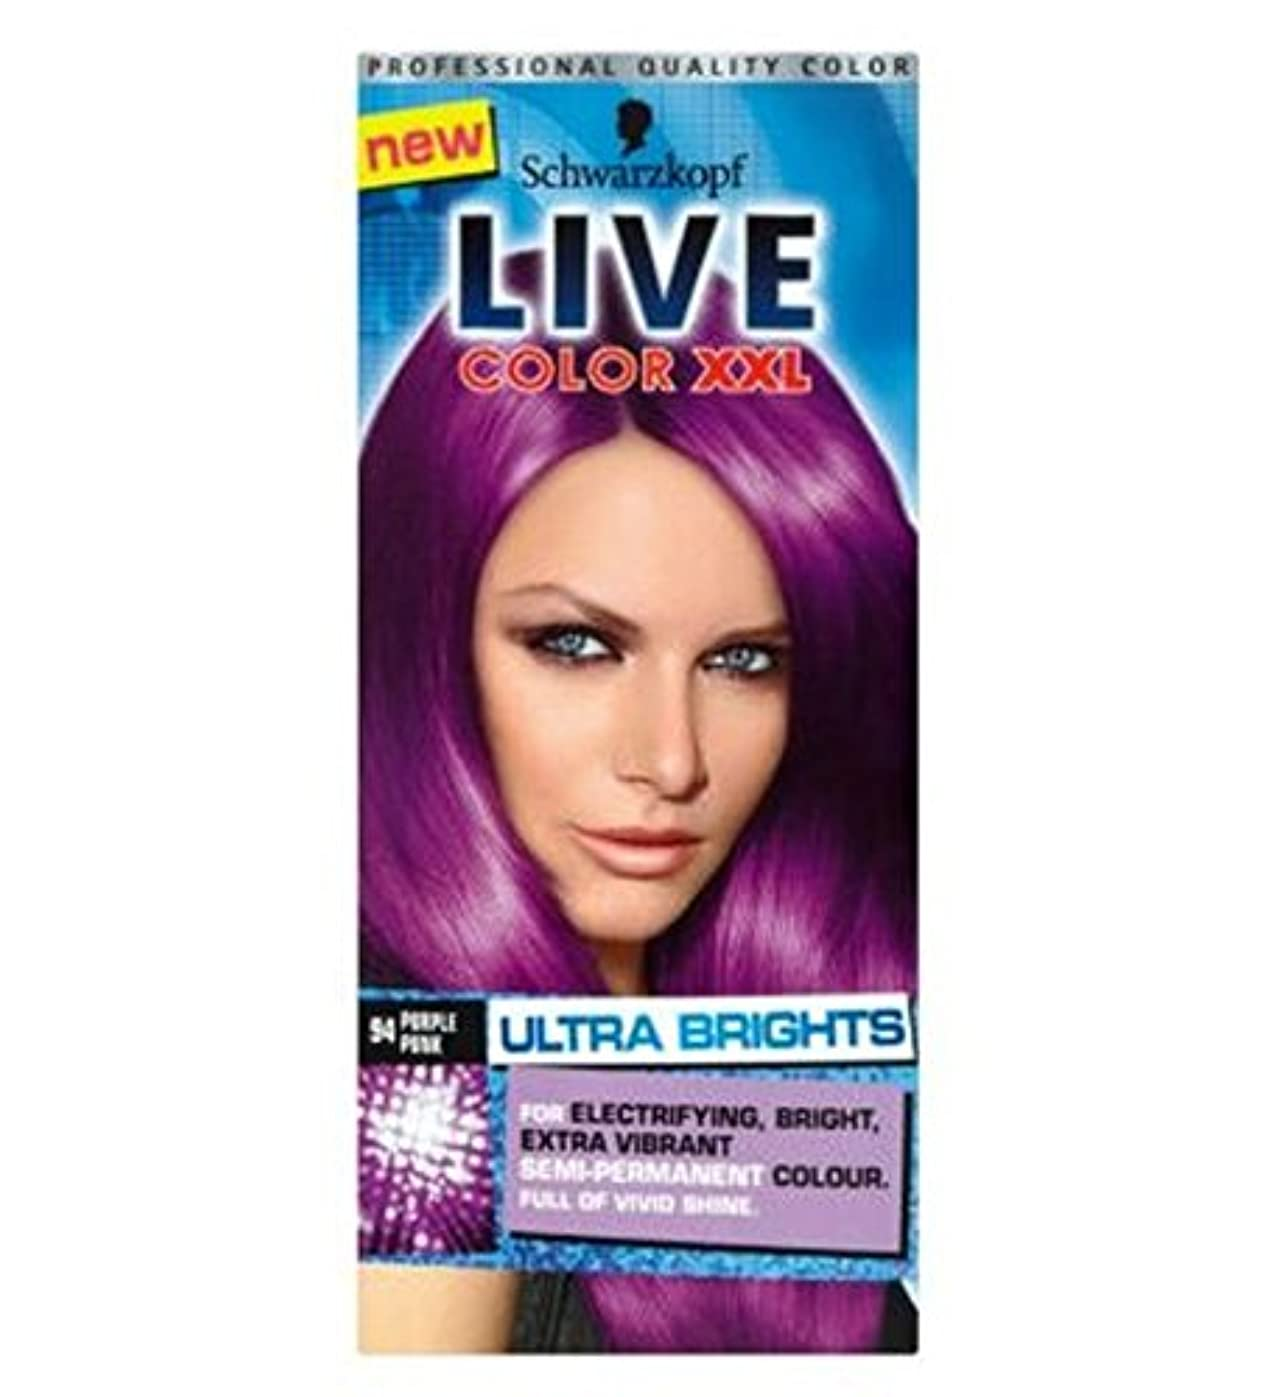 サージ池塩Schwarzkopf LIVE Color XXL Ultra Brights 94 Purple Punk Semi-Permanent Purple Hair Dye - シュワルツコフライブカラーXxl超輝94紫...